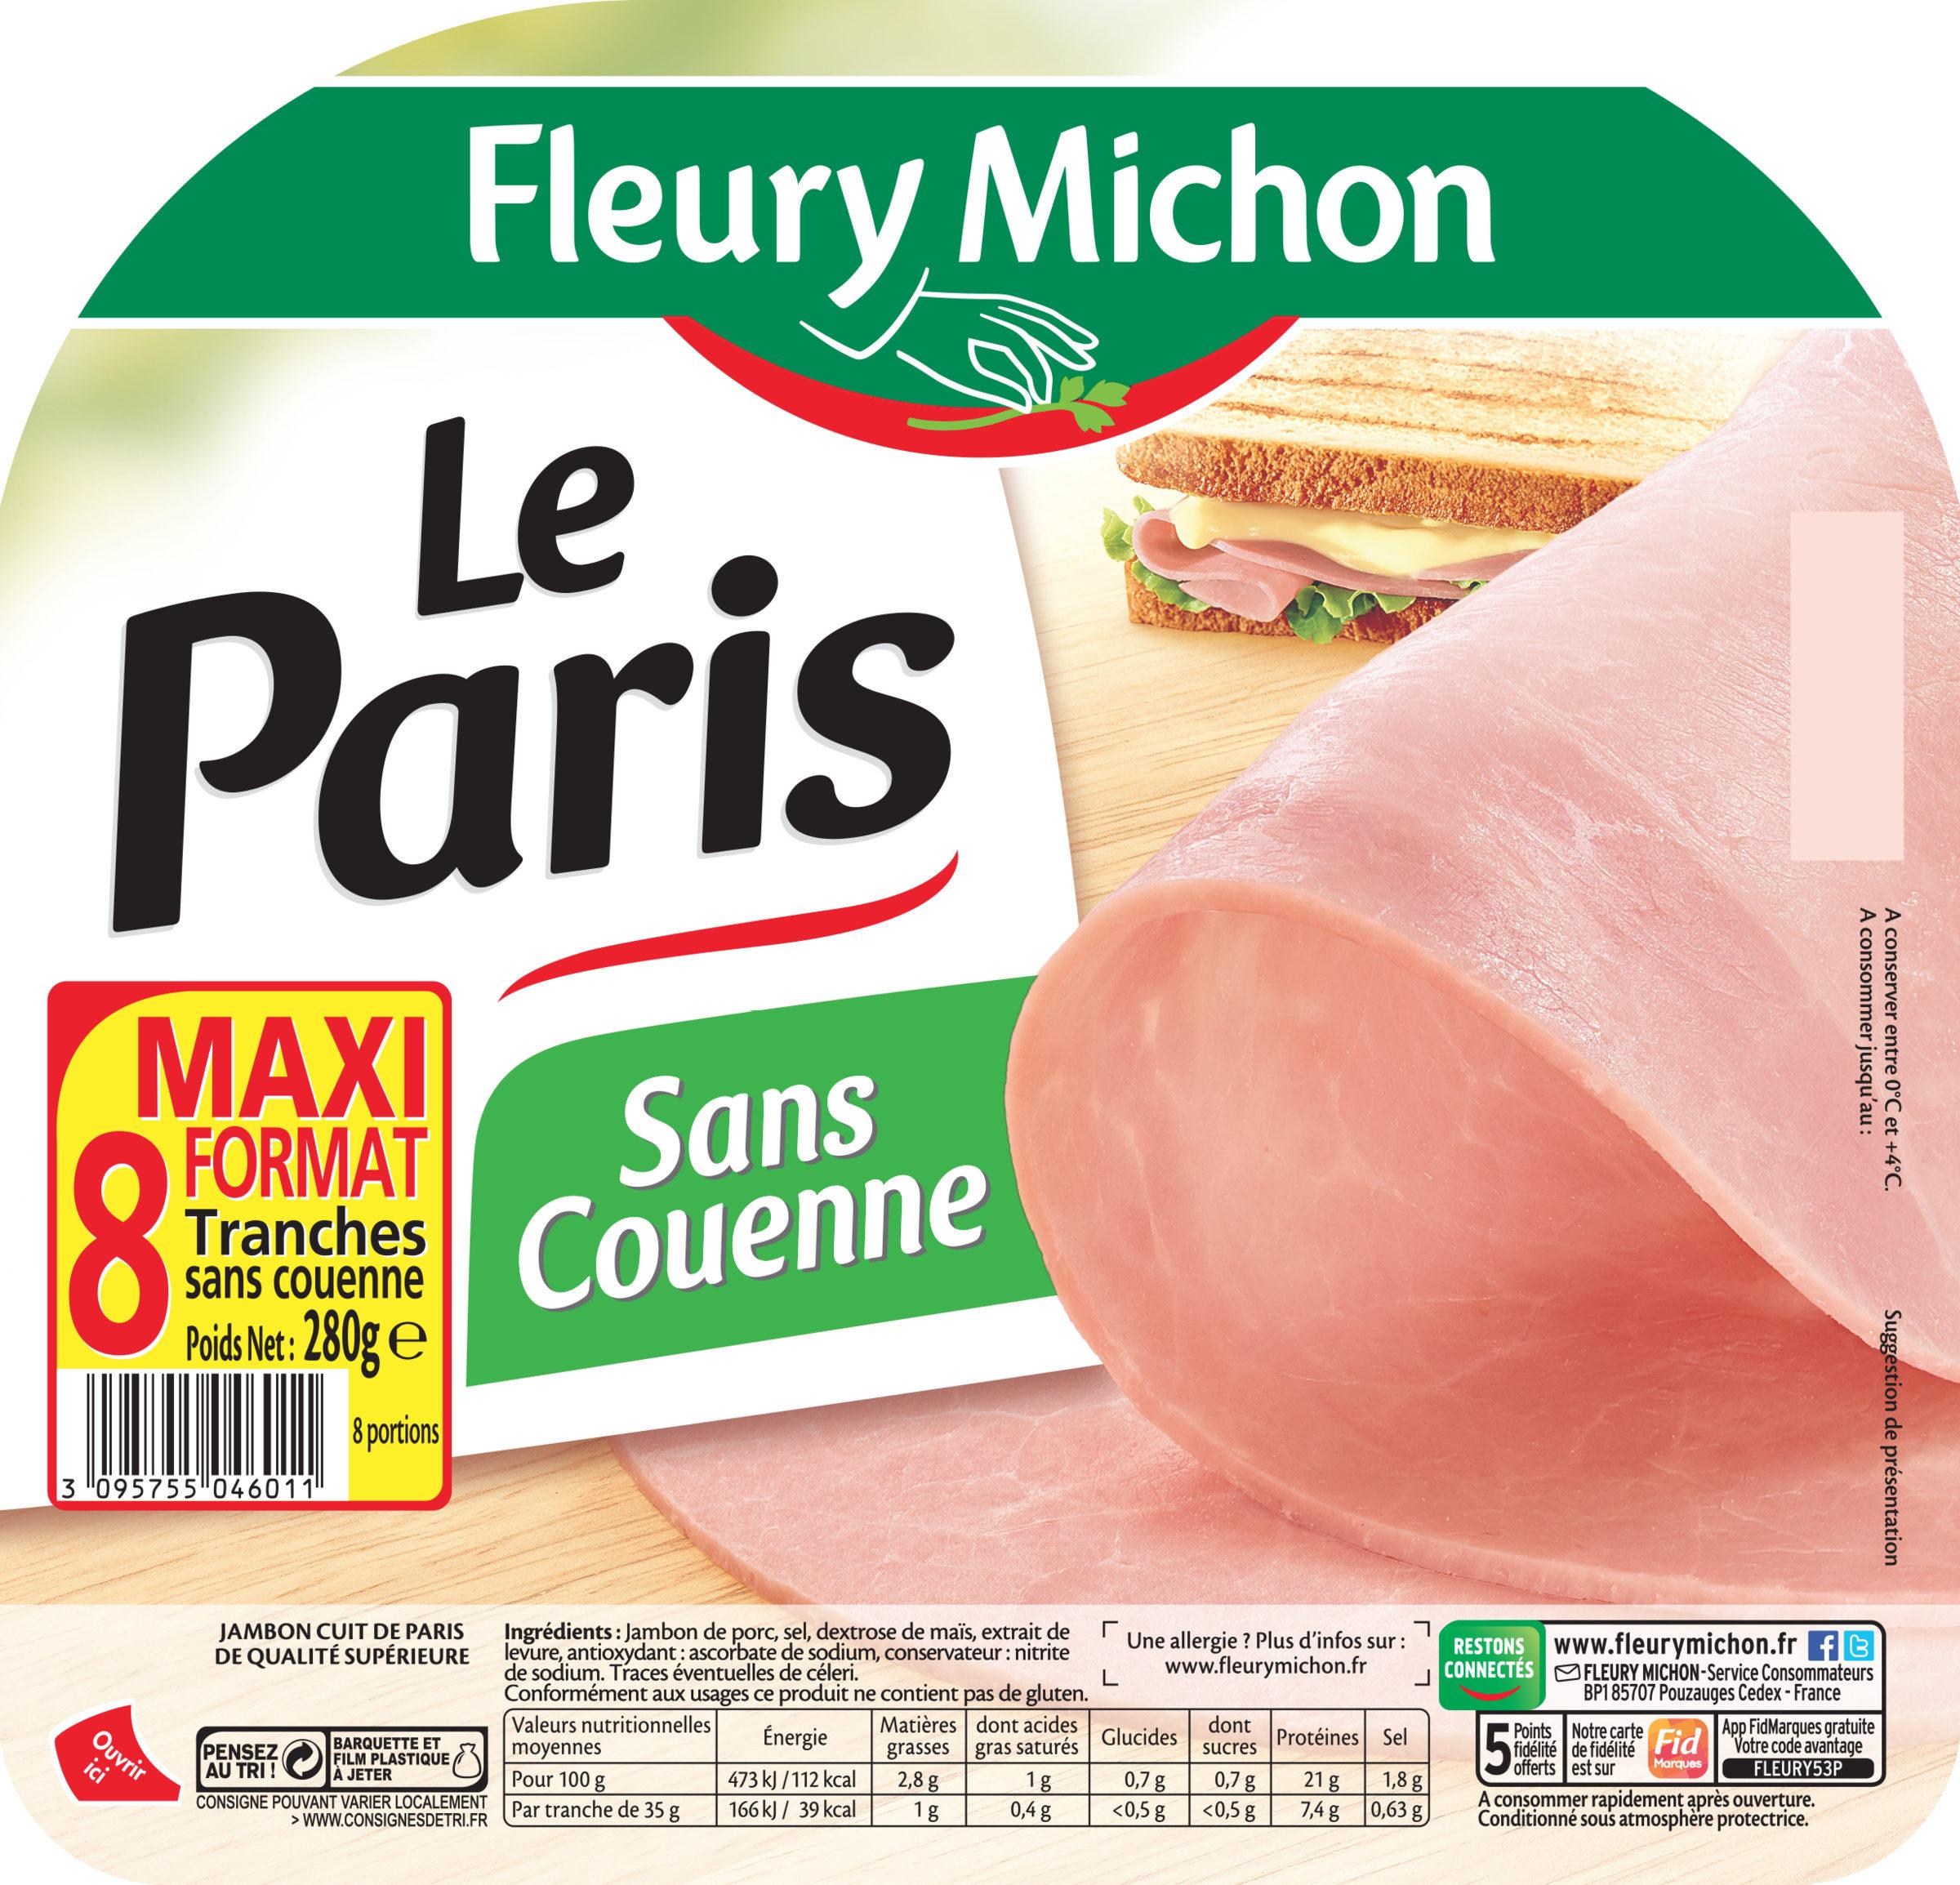 Le jambon de Paris sans couenne - 8 tr. - Product